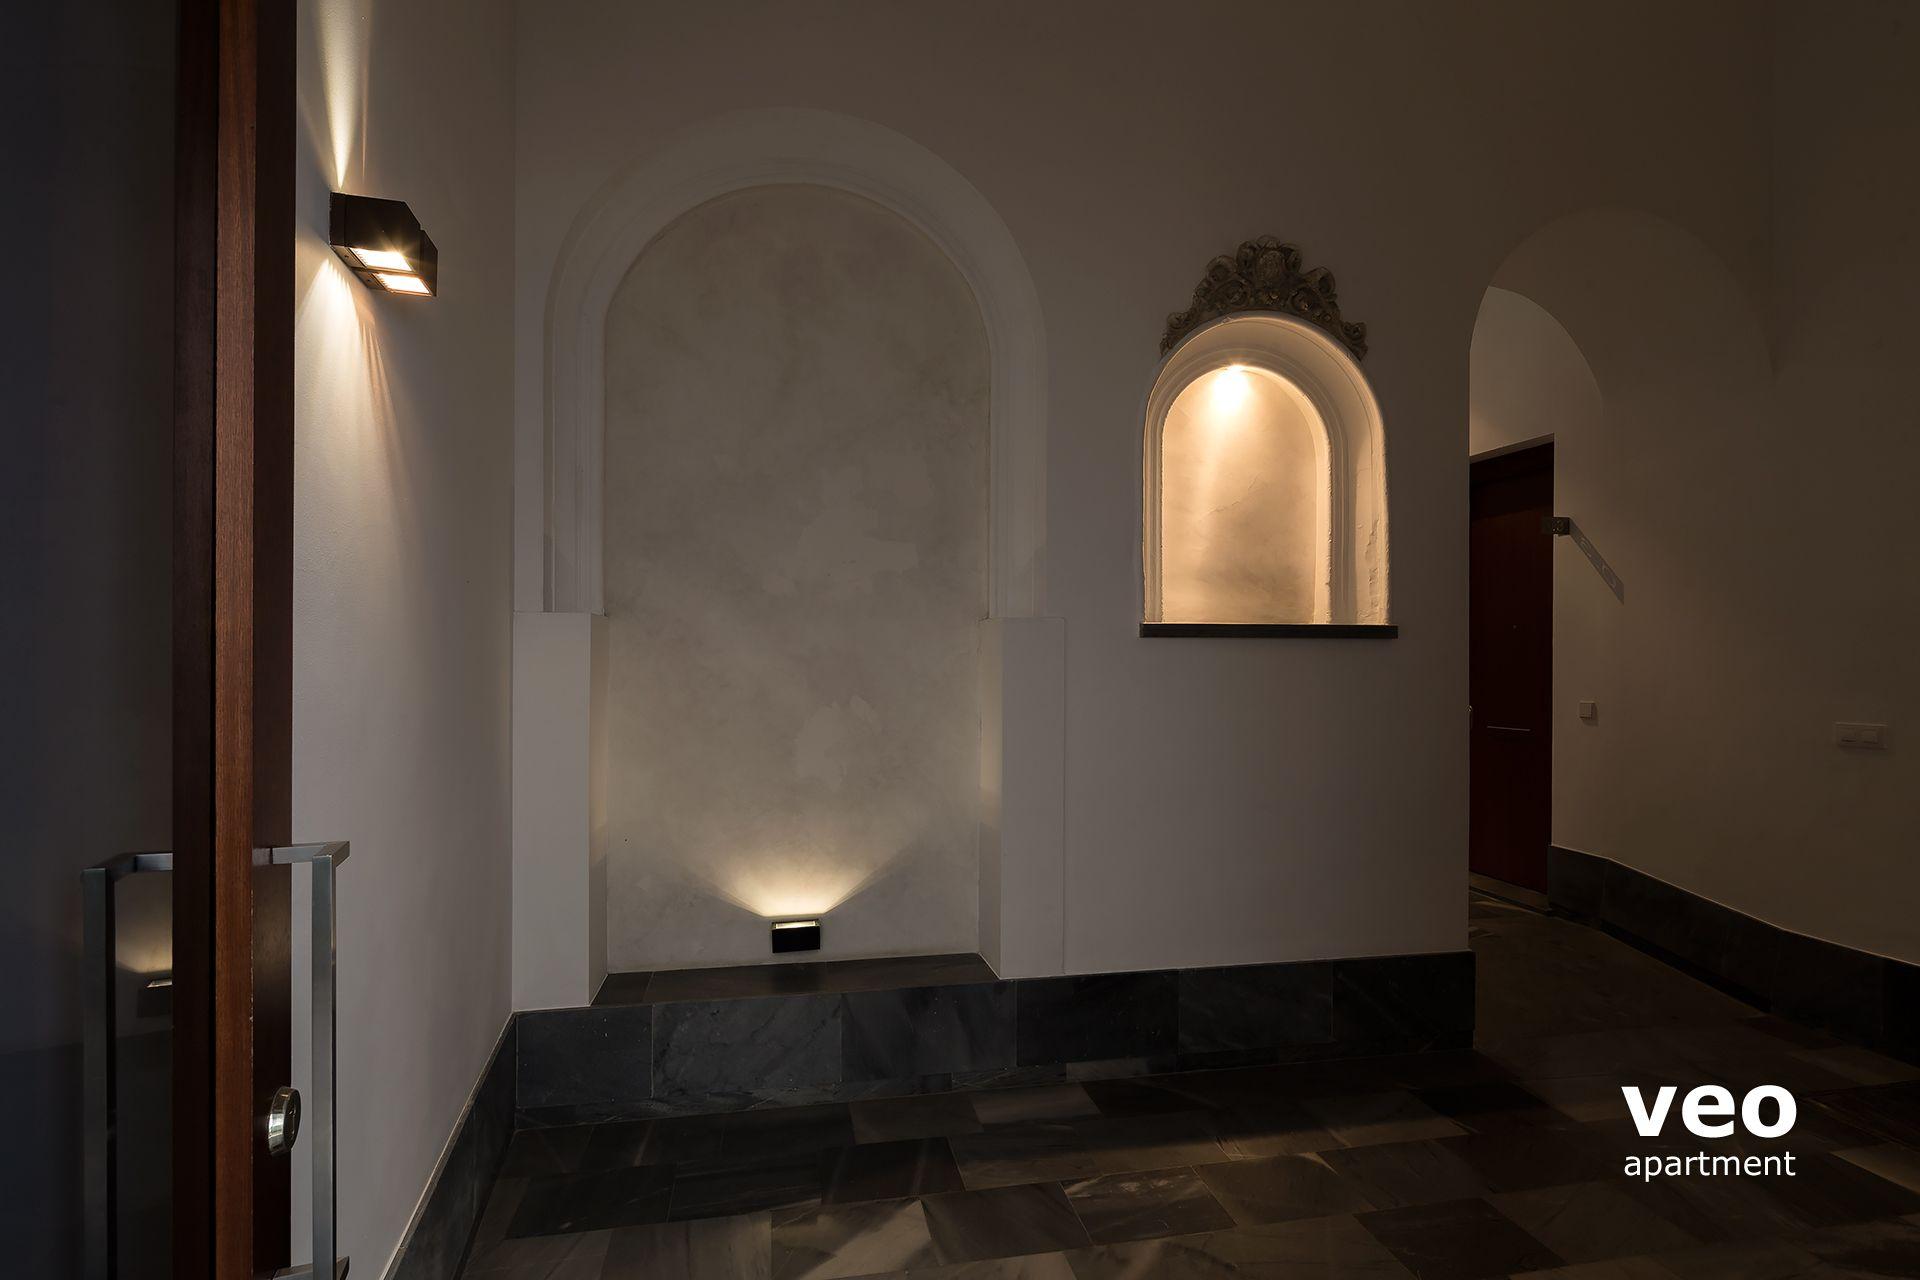 0392_corral-rey-1-apartments-veoapartment-seville-03 Frais De Table Basse Qui Se Leve Des Idées